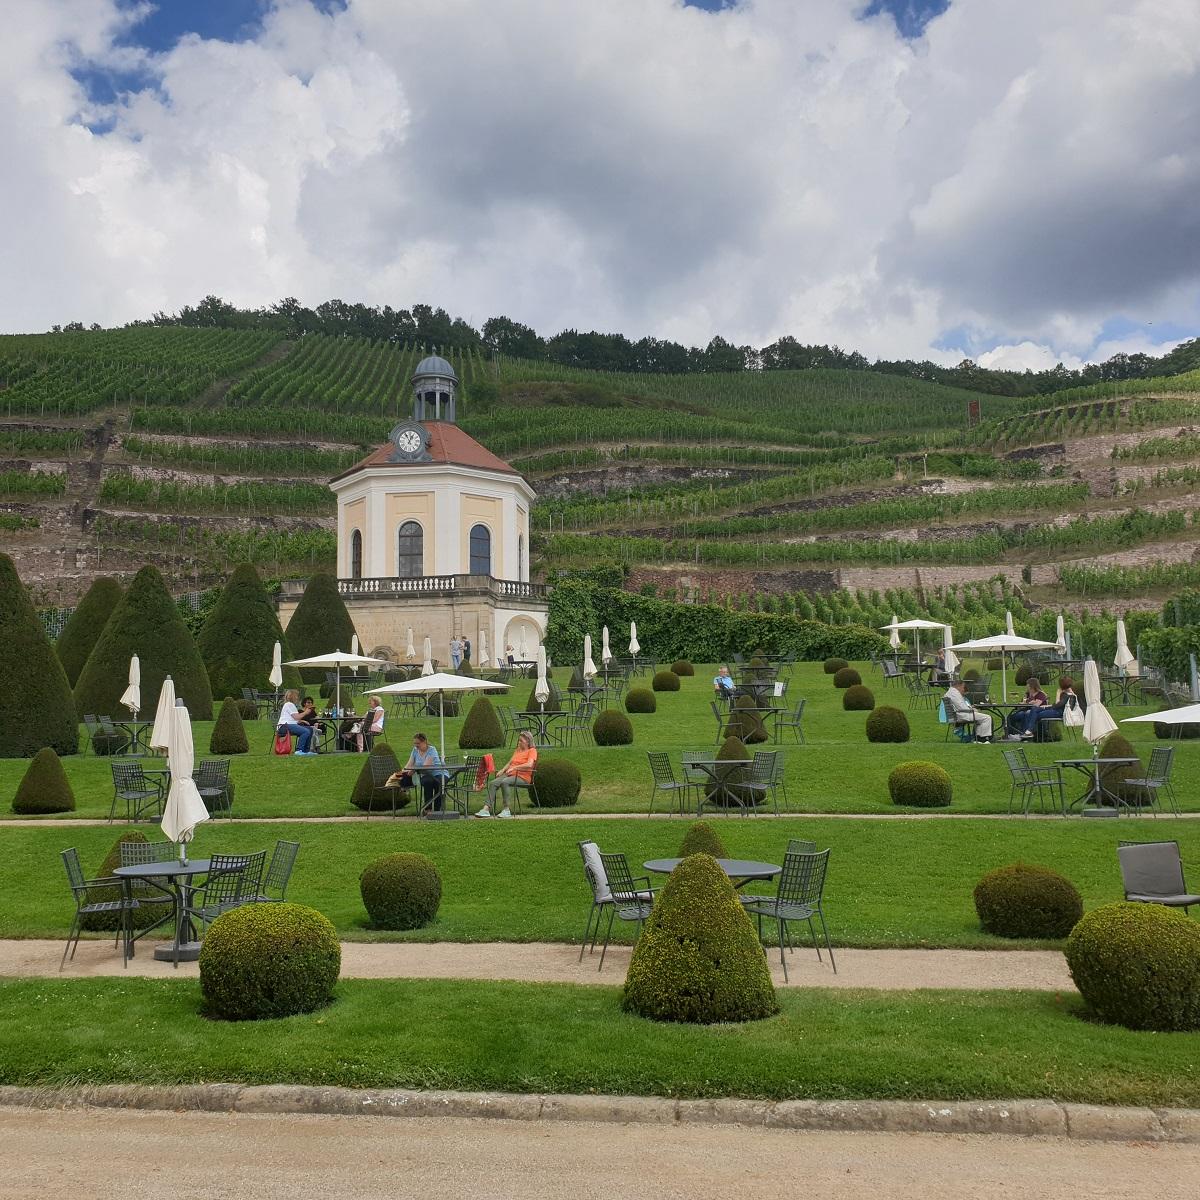 Tuinen_Schloss_Wackerbarth_Sächsische_Schweiz